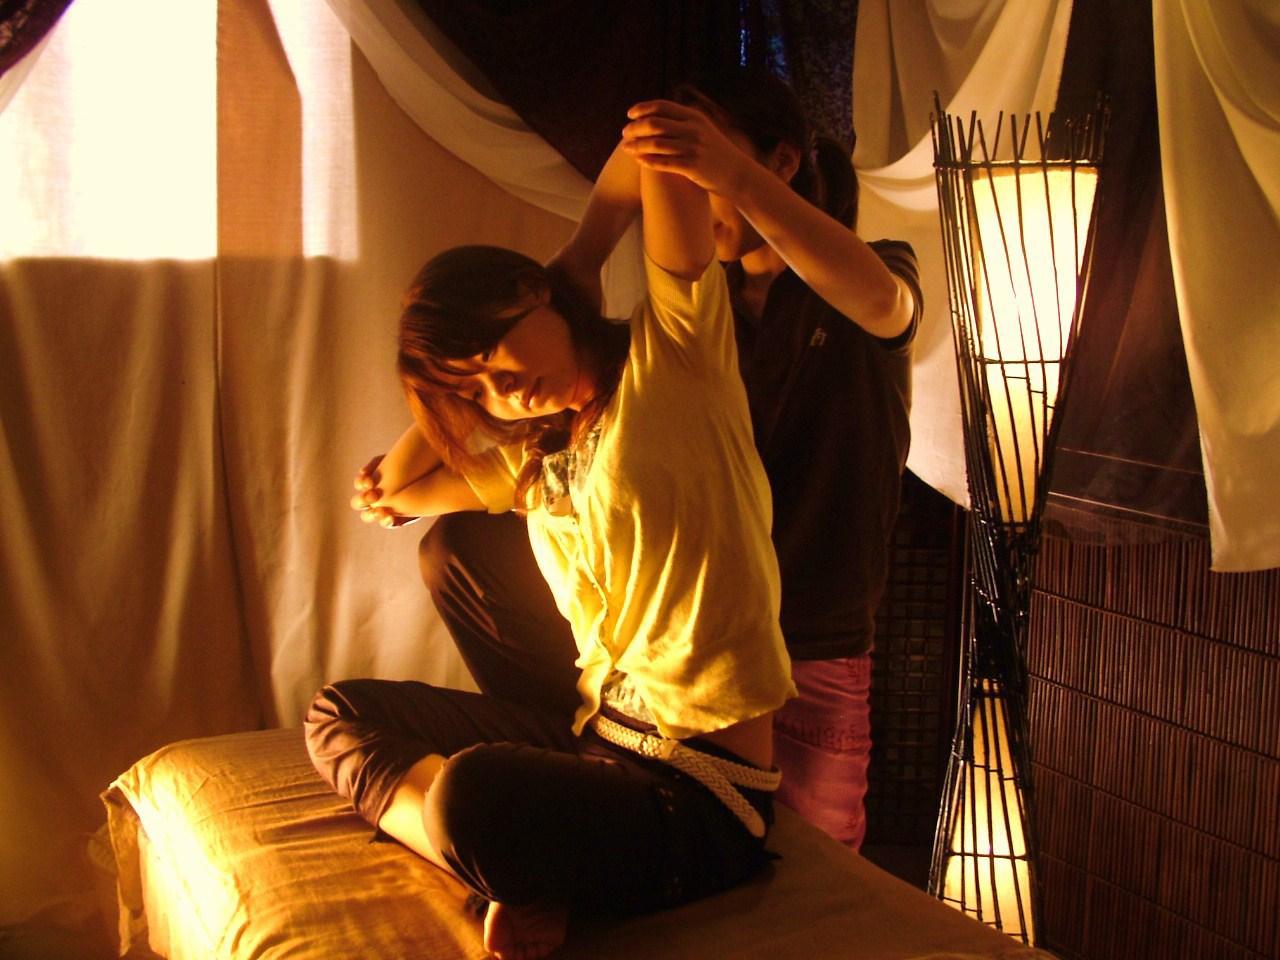 関西初出店!アロマセラピスト大募集♪日本リラクゼーション認定協会指定スクールの無料研修あり♪